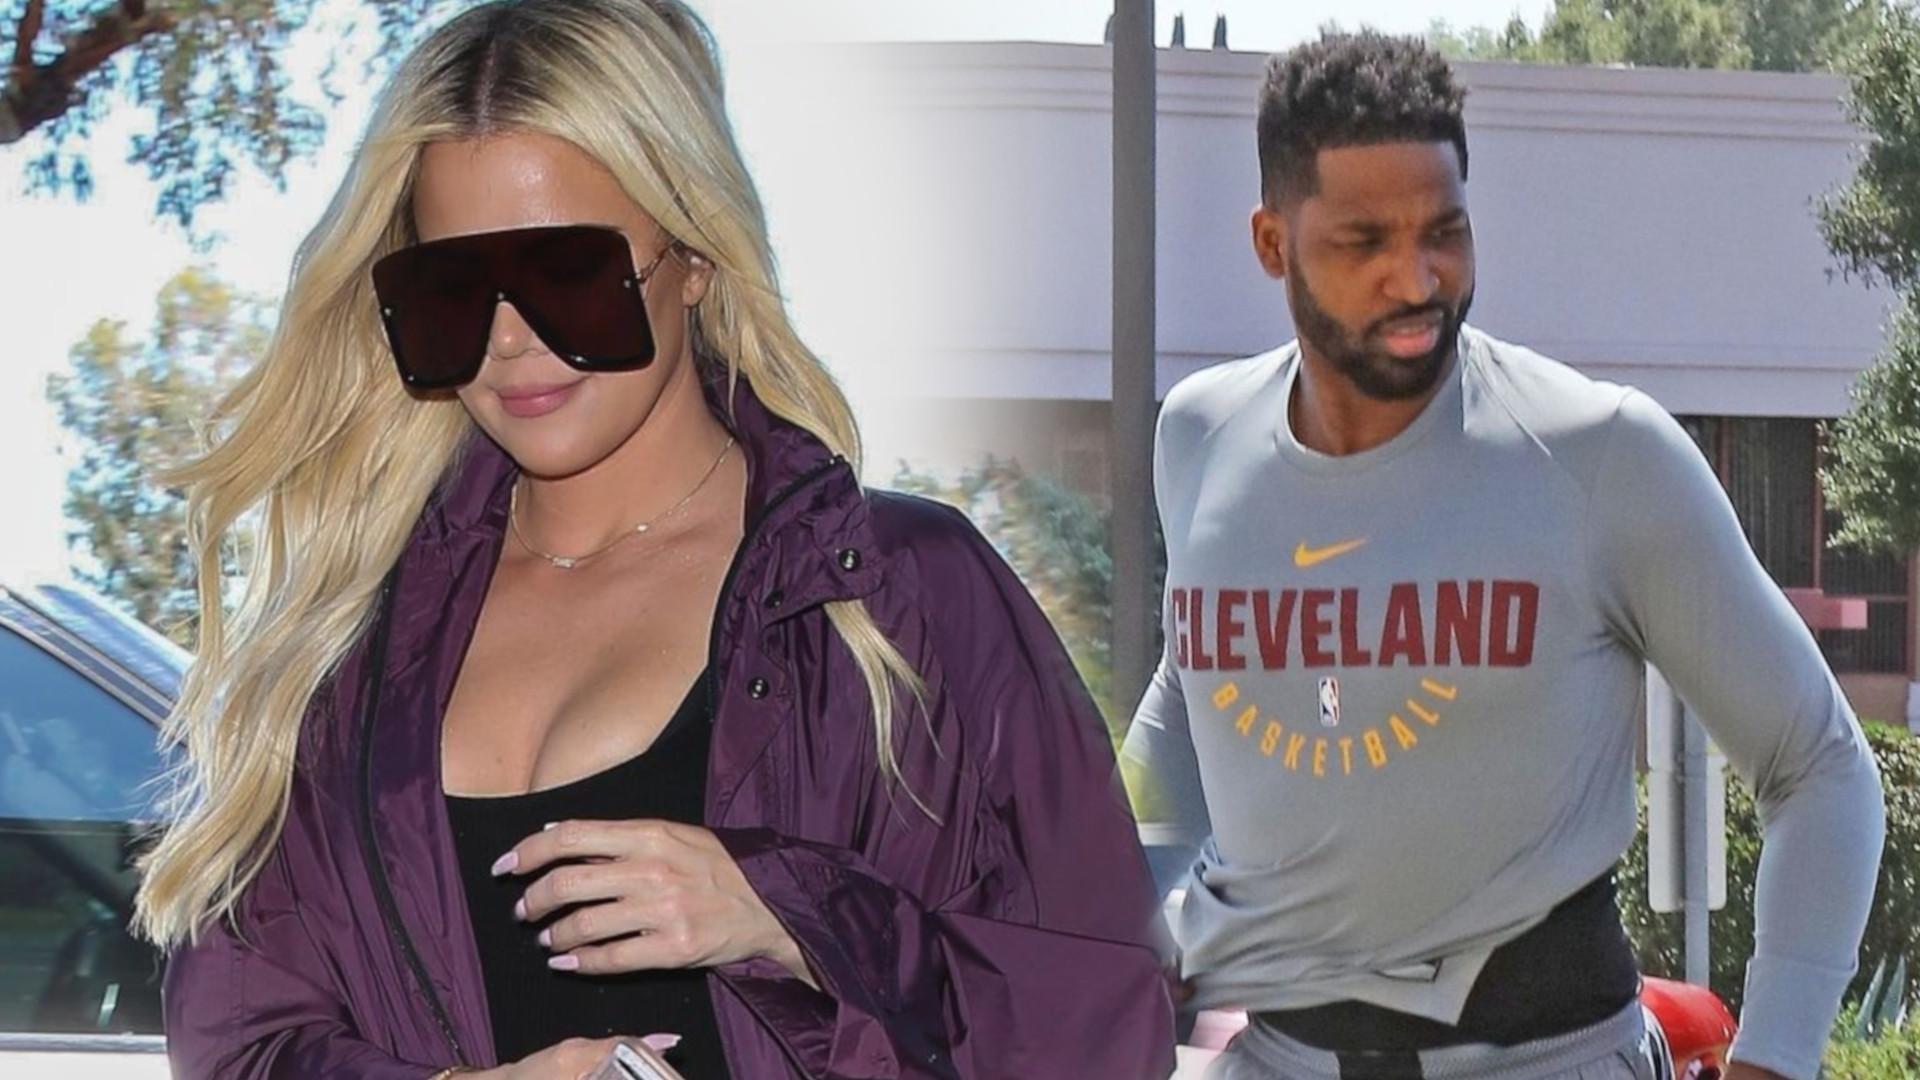 Tristan Thompson wcale NIE zdradził Khloe Kardashian? Zaskakujące doniesienia